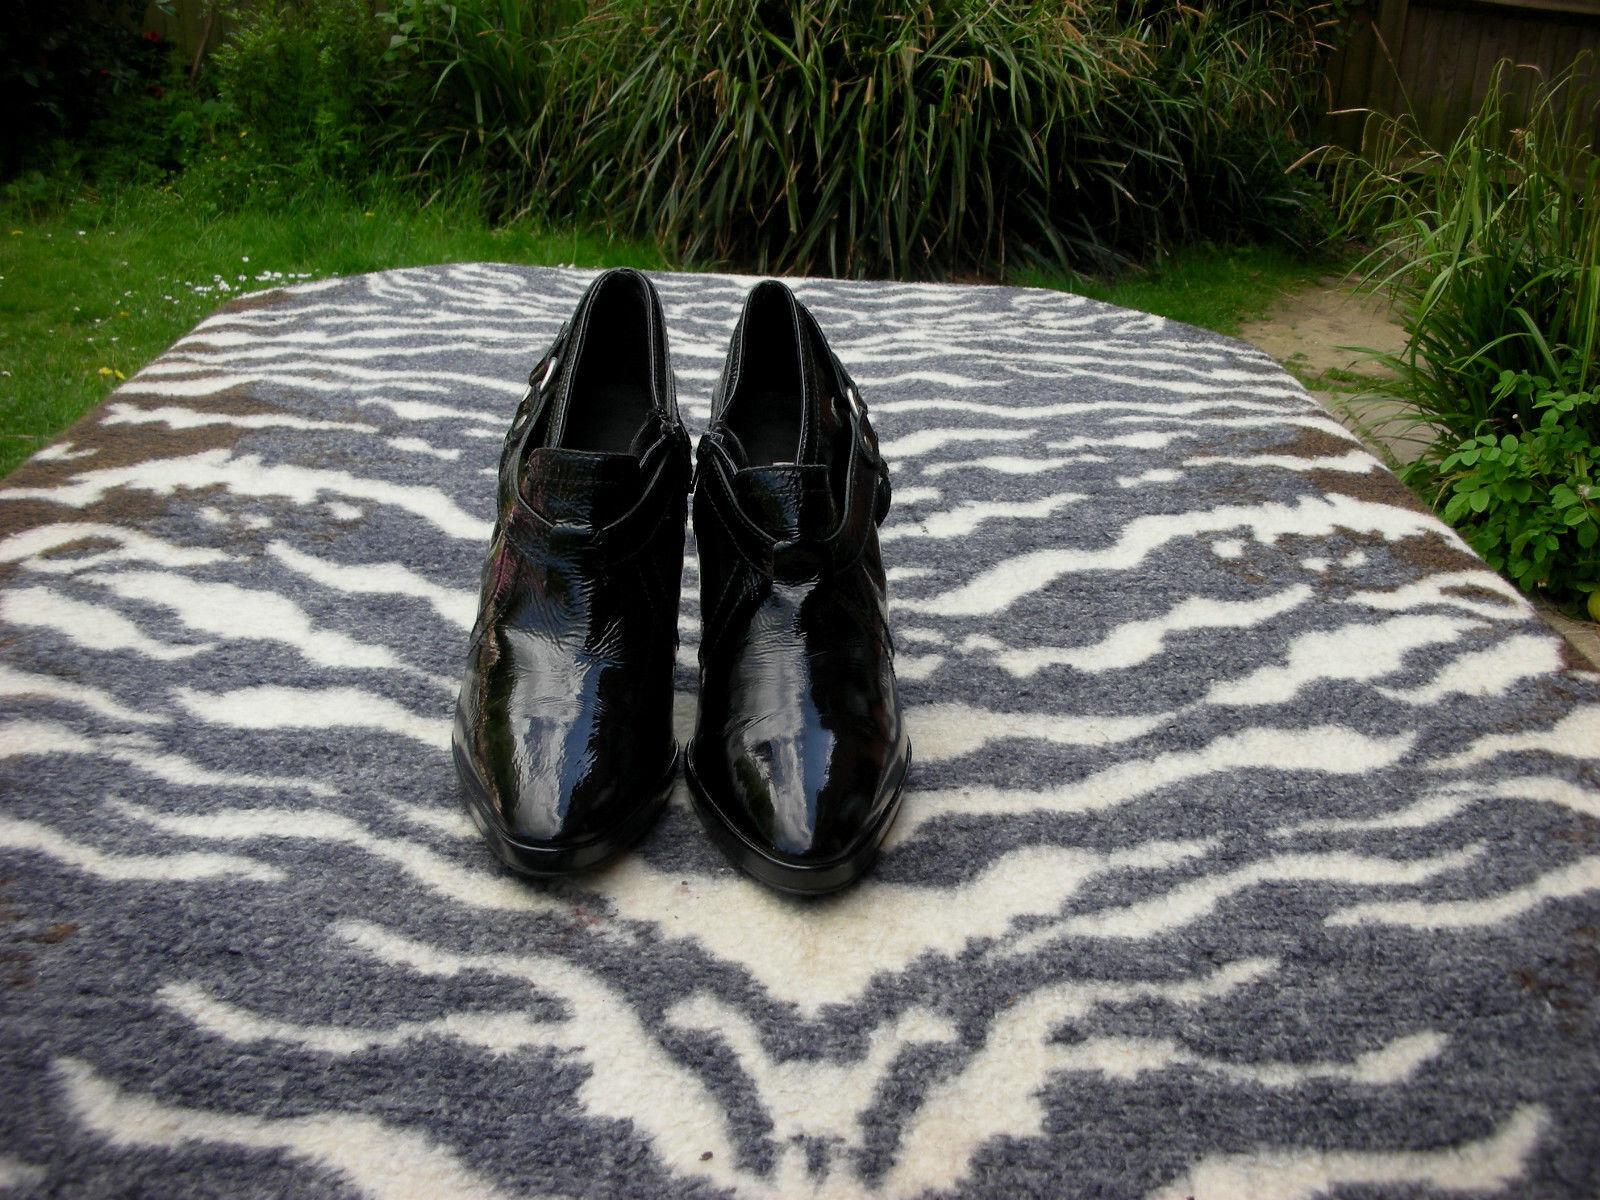 Dune schuhe/Stiefel schwarz Leder high heeled schuhe/Stiefel Dune UK Größe 8 EU Größe 41 bbe98f